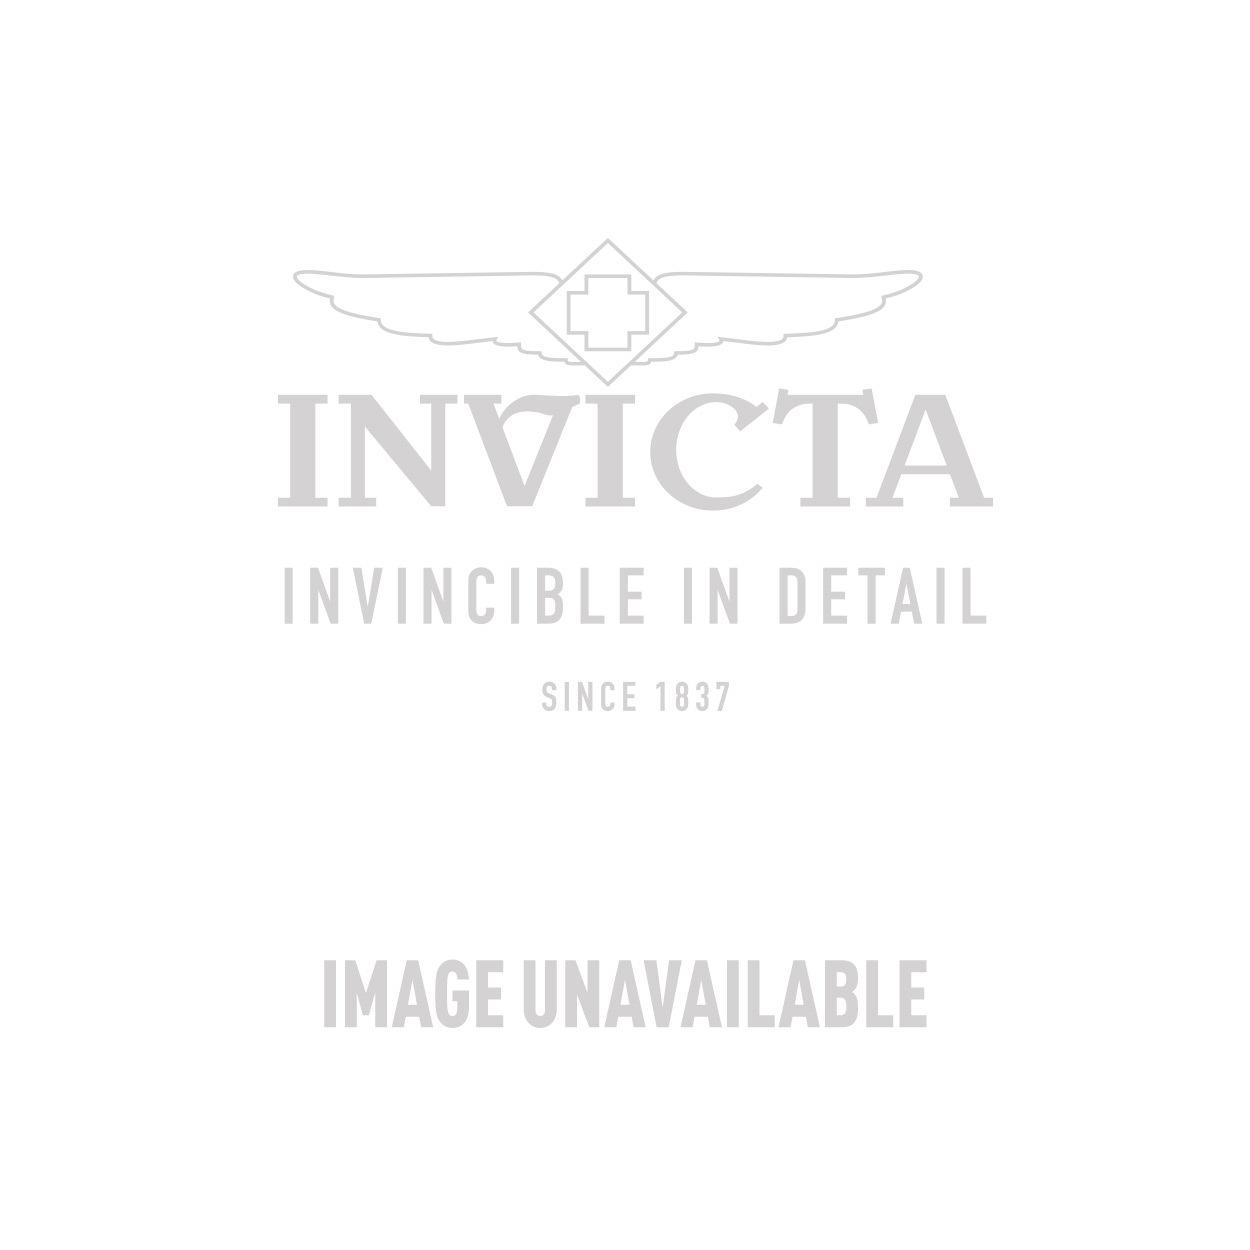 Invicta Speedway Quartz Watch - Gold, Stainless Steel case with Steel, Gold tone Stainless Steel band - Model 17026